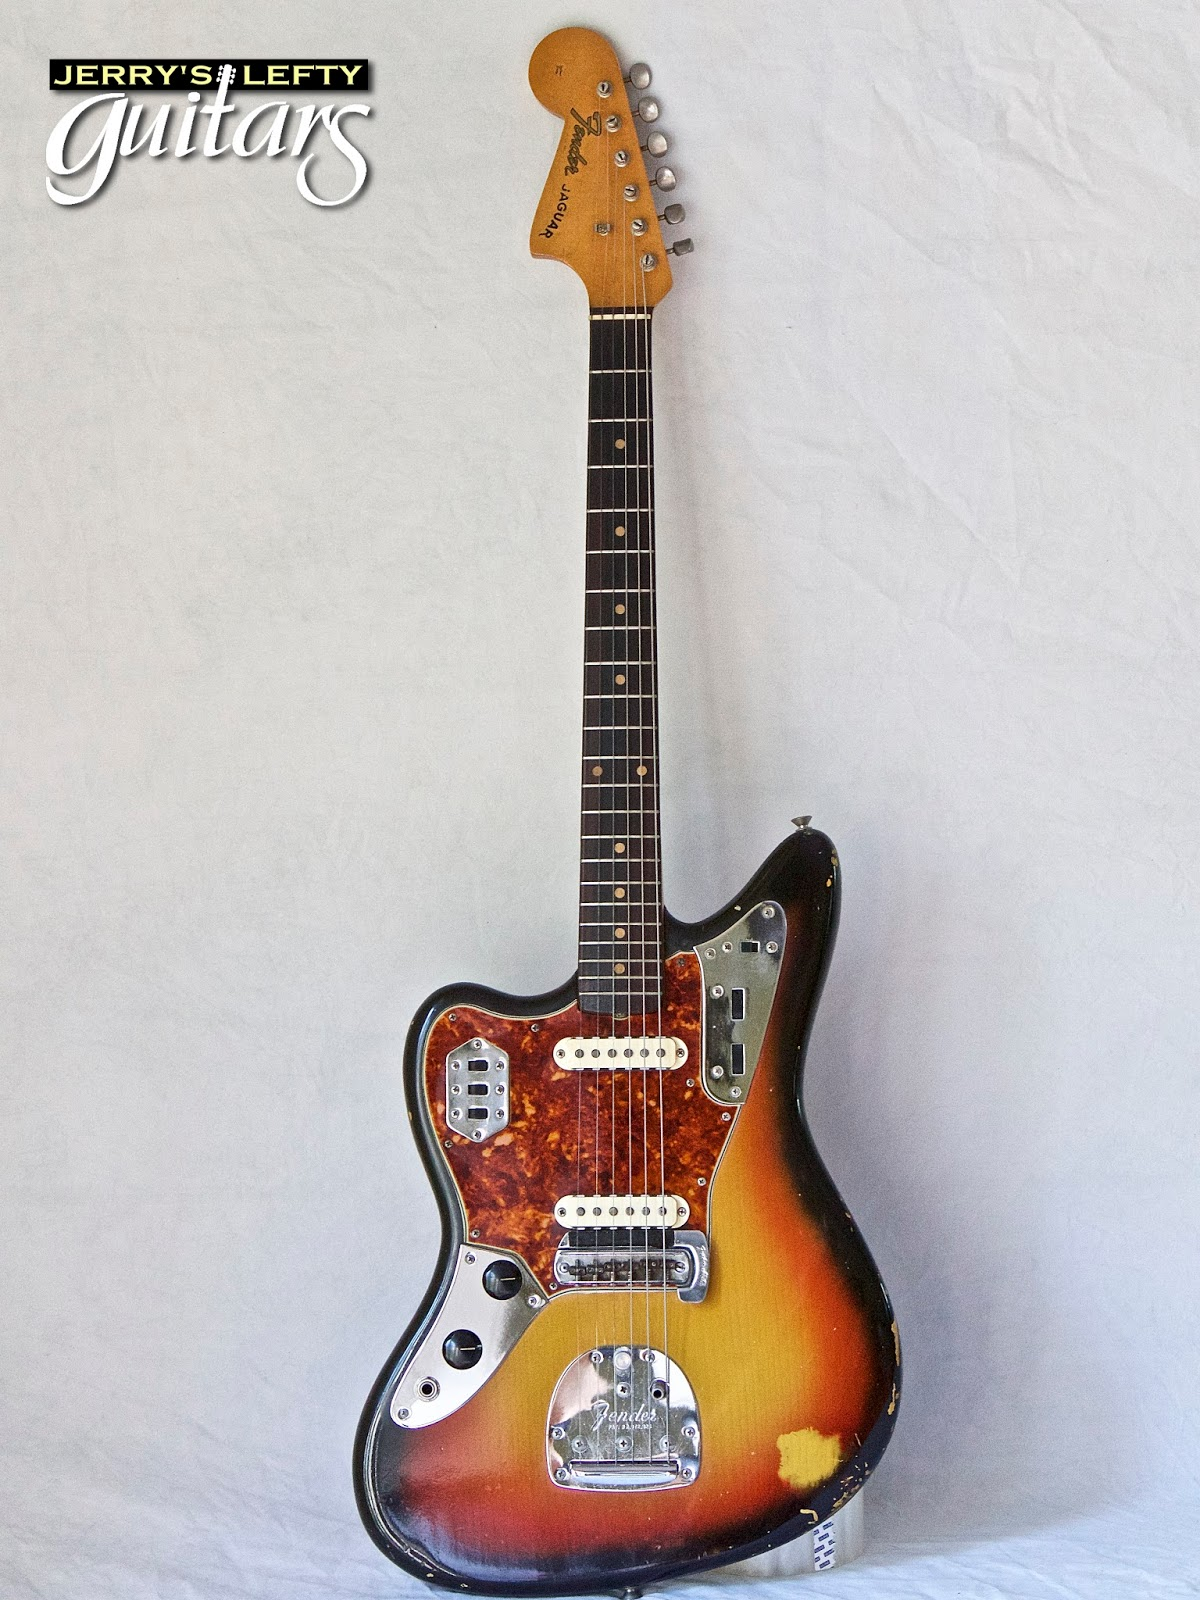 jerry 39 s lefty guitars newest guitar arrivals updated weekly 1964 fender jaguar sunburst left. Black Bedroom Furniture Sets. Home Design Ideas